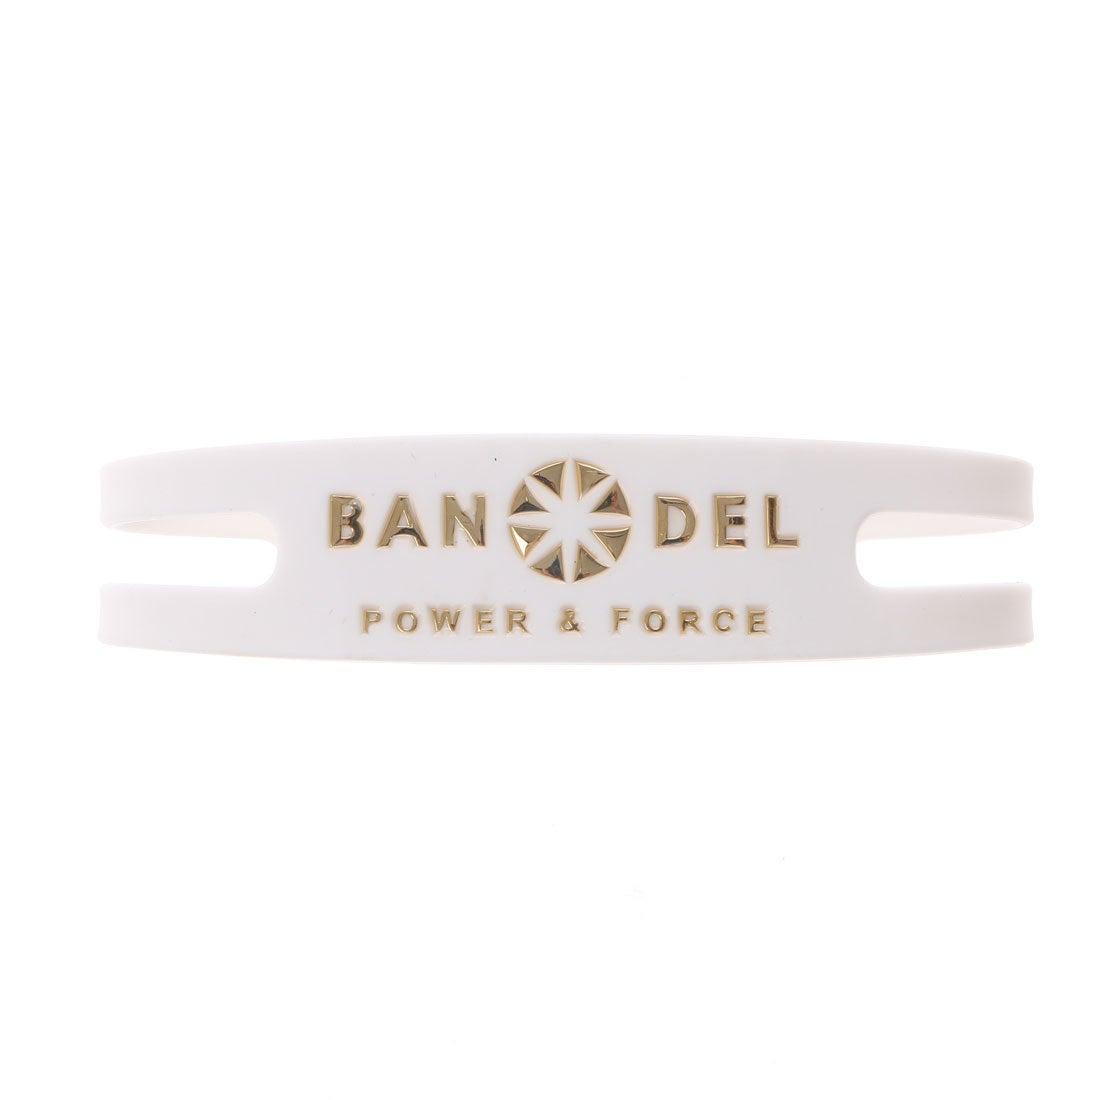 バンデル BANDEL ユビキリグローブ  PI W アンバウンド      (ホワイト) メンズ